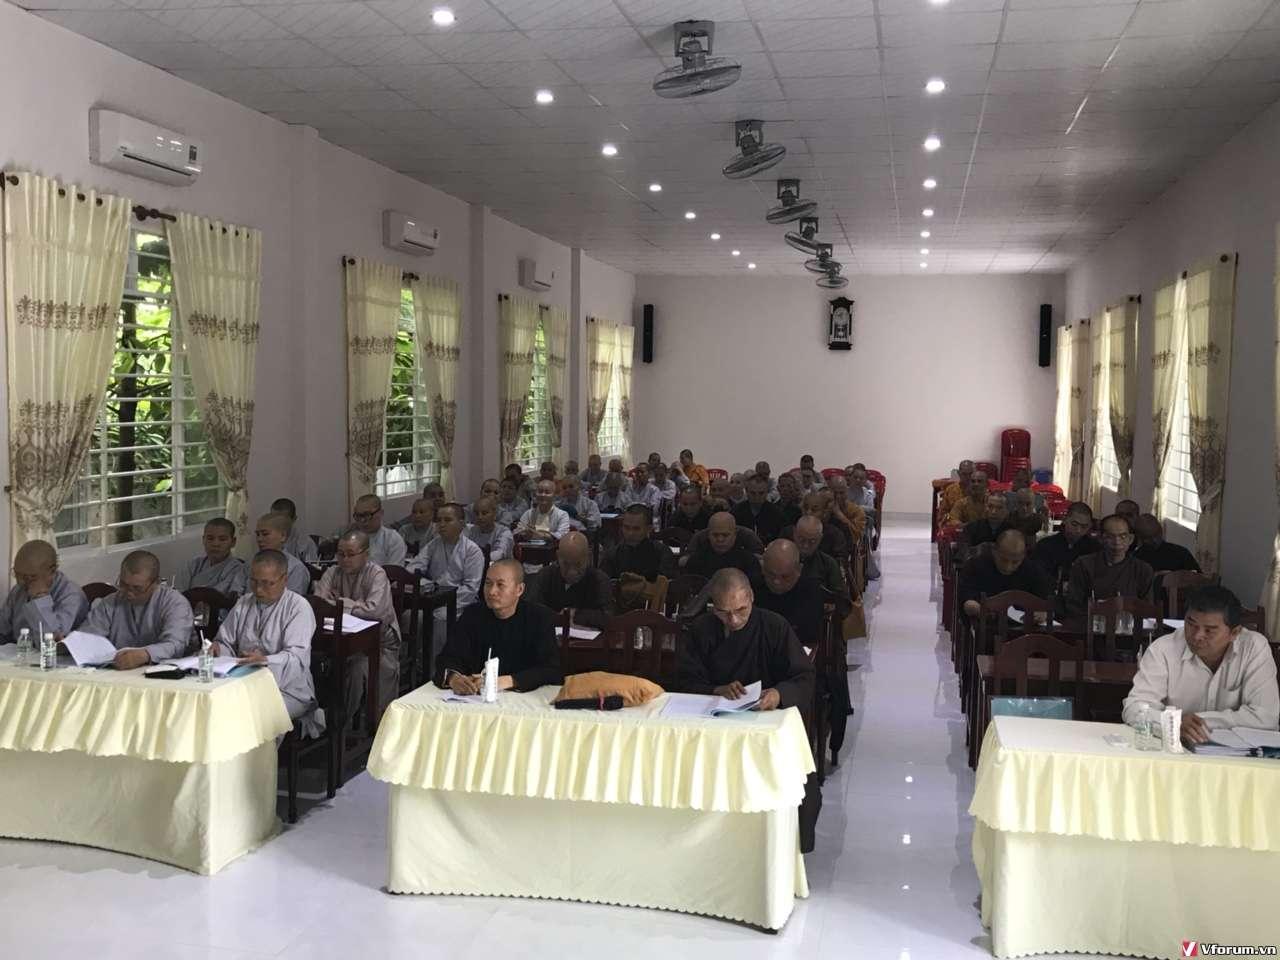 Châu Đức: Ban Tôn Giáo Huyện Ủy Đến Thăm Trường Hạ Huyện Châu Đức